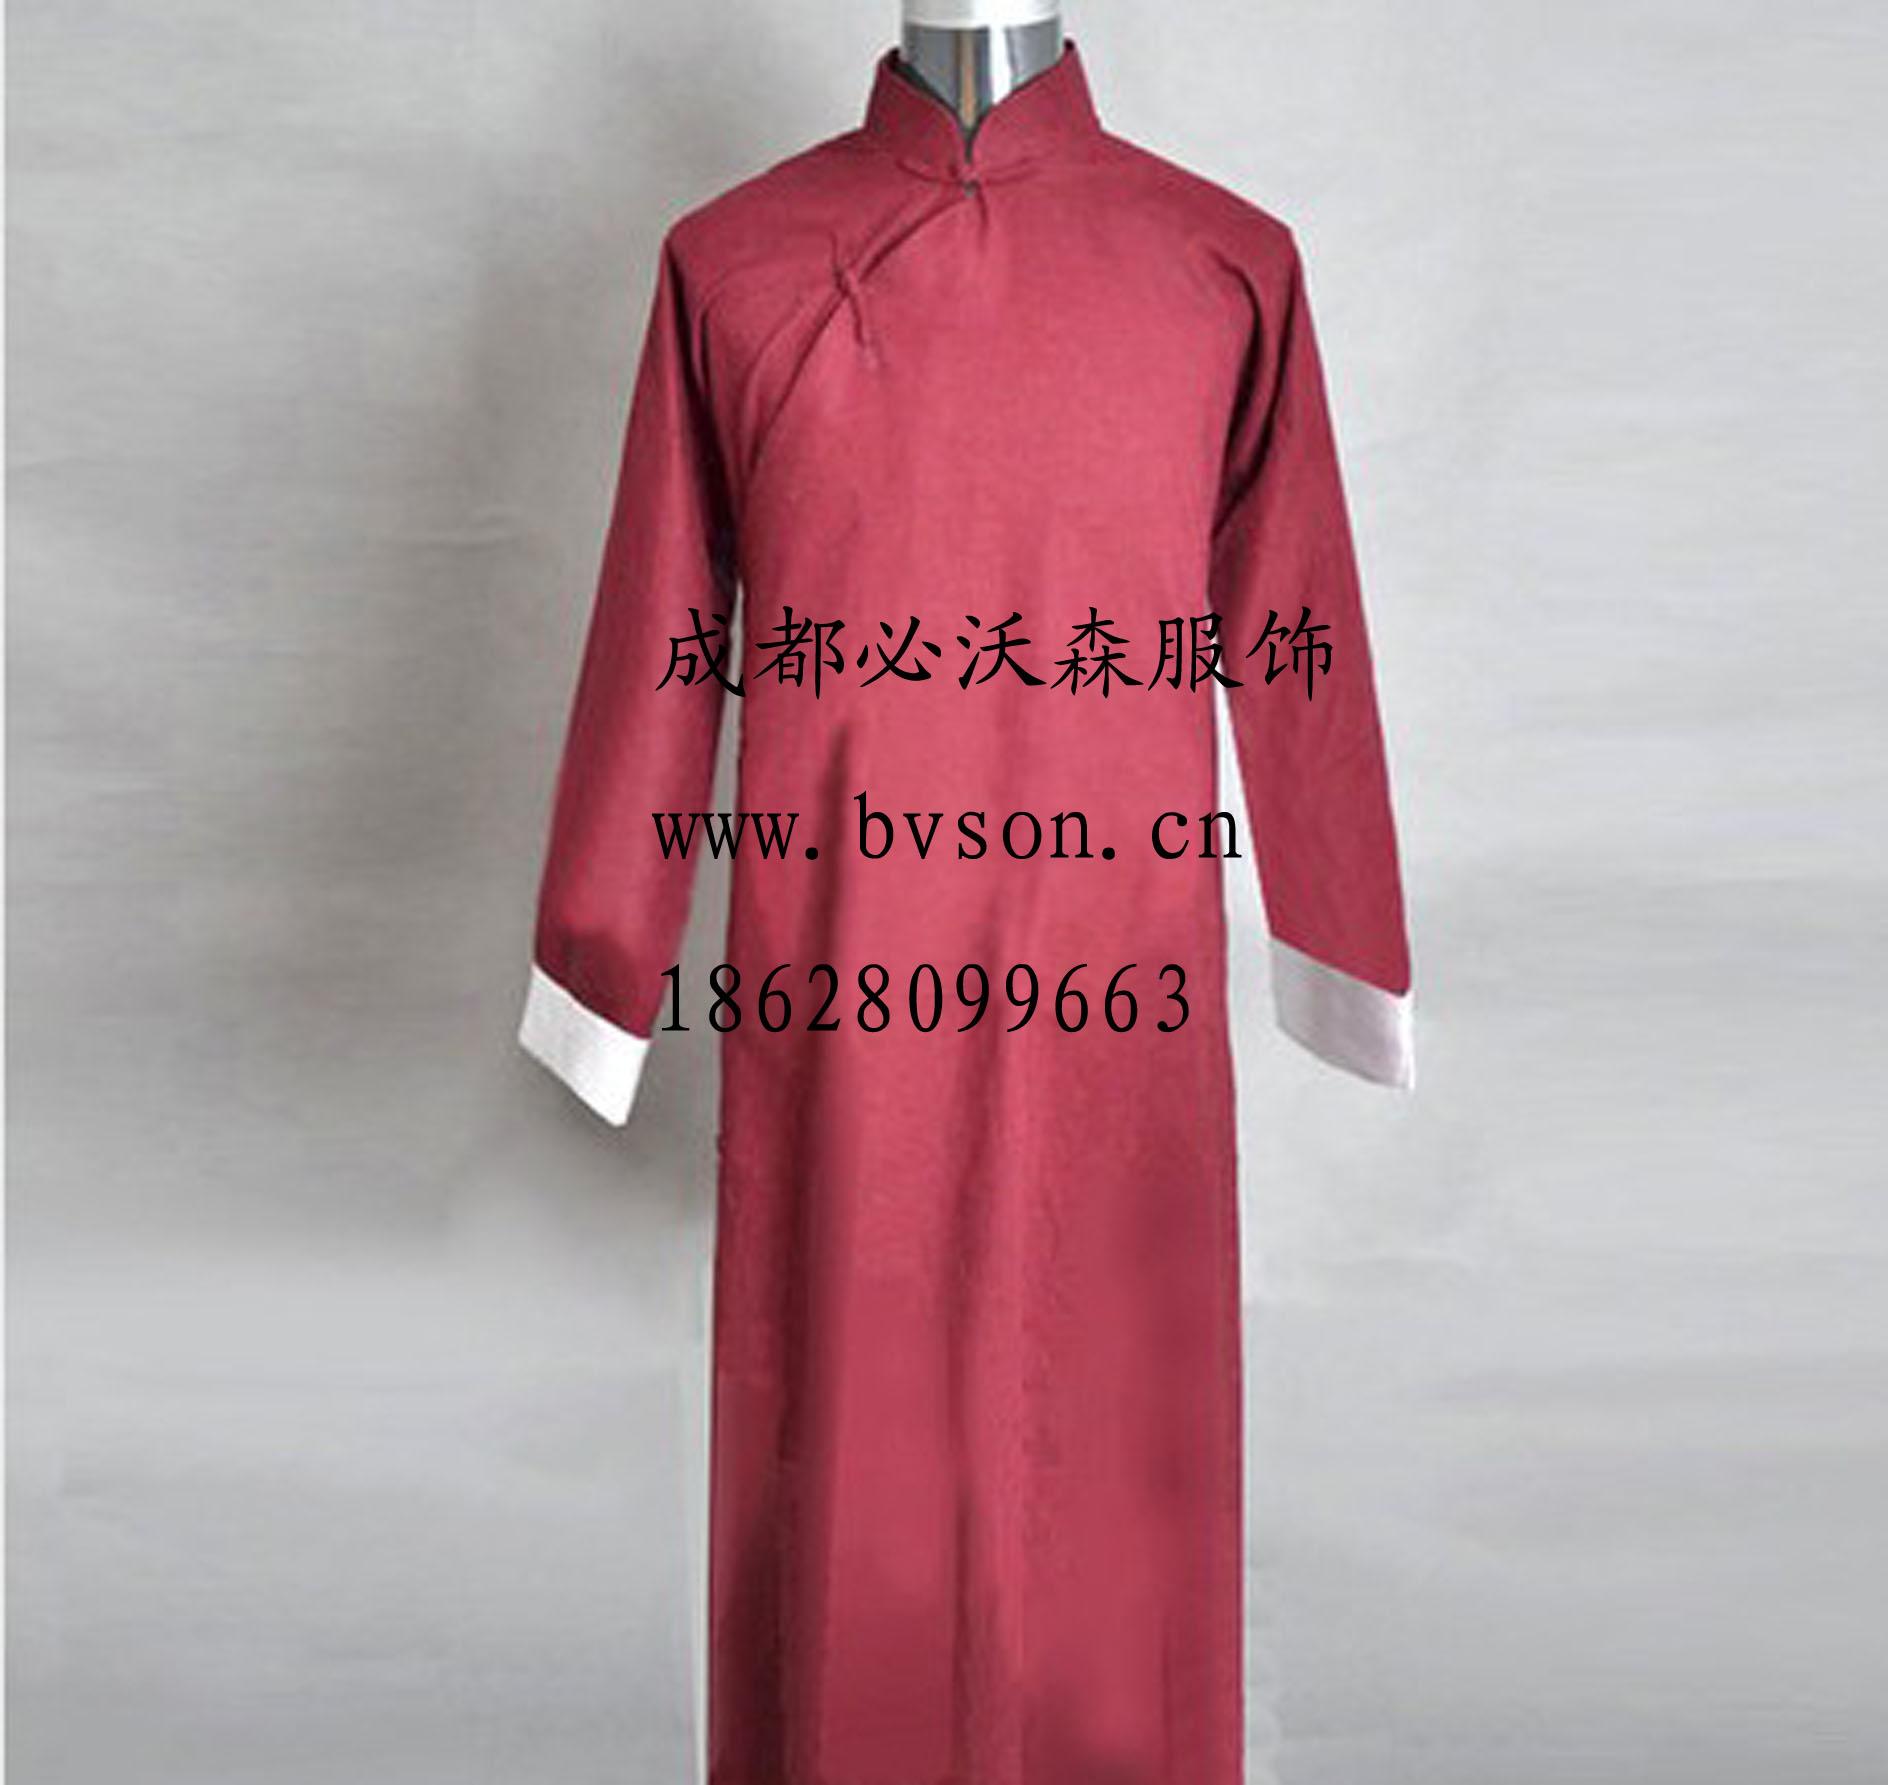 成都必沃森服饰专业生产定制各种服装服饰,品质过硬,质量过硬,价格